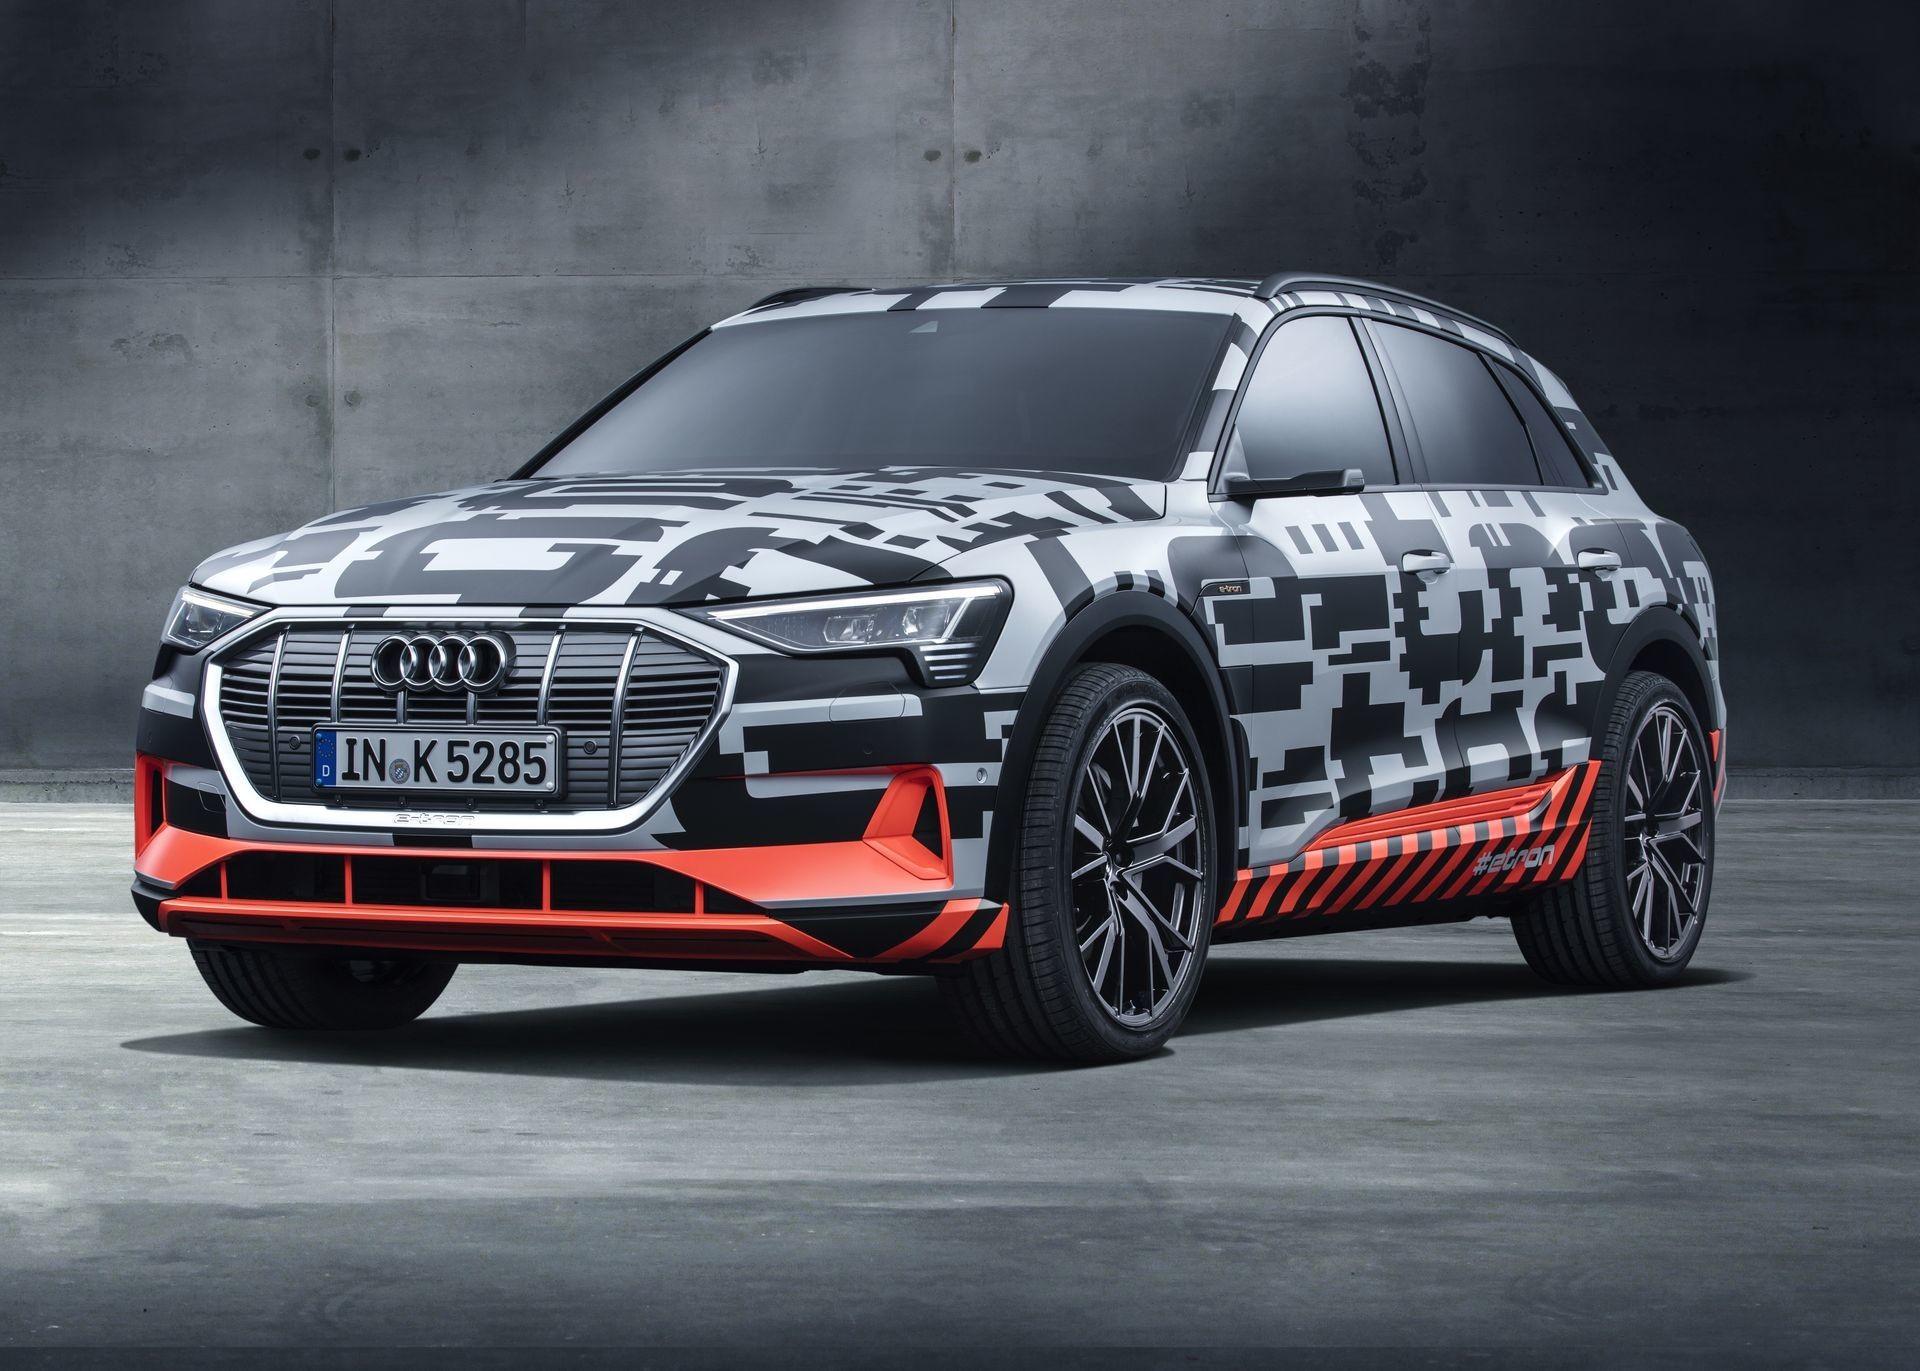 Foto de Audi e-tron concept en el Auto Show de Ginebra 2018 (1/7)